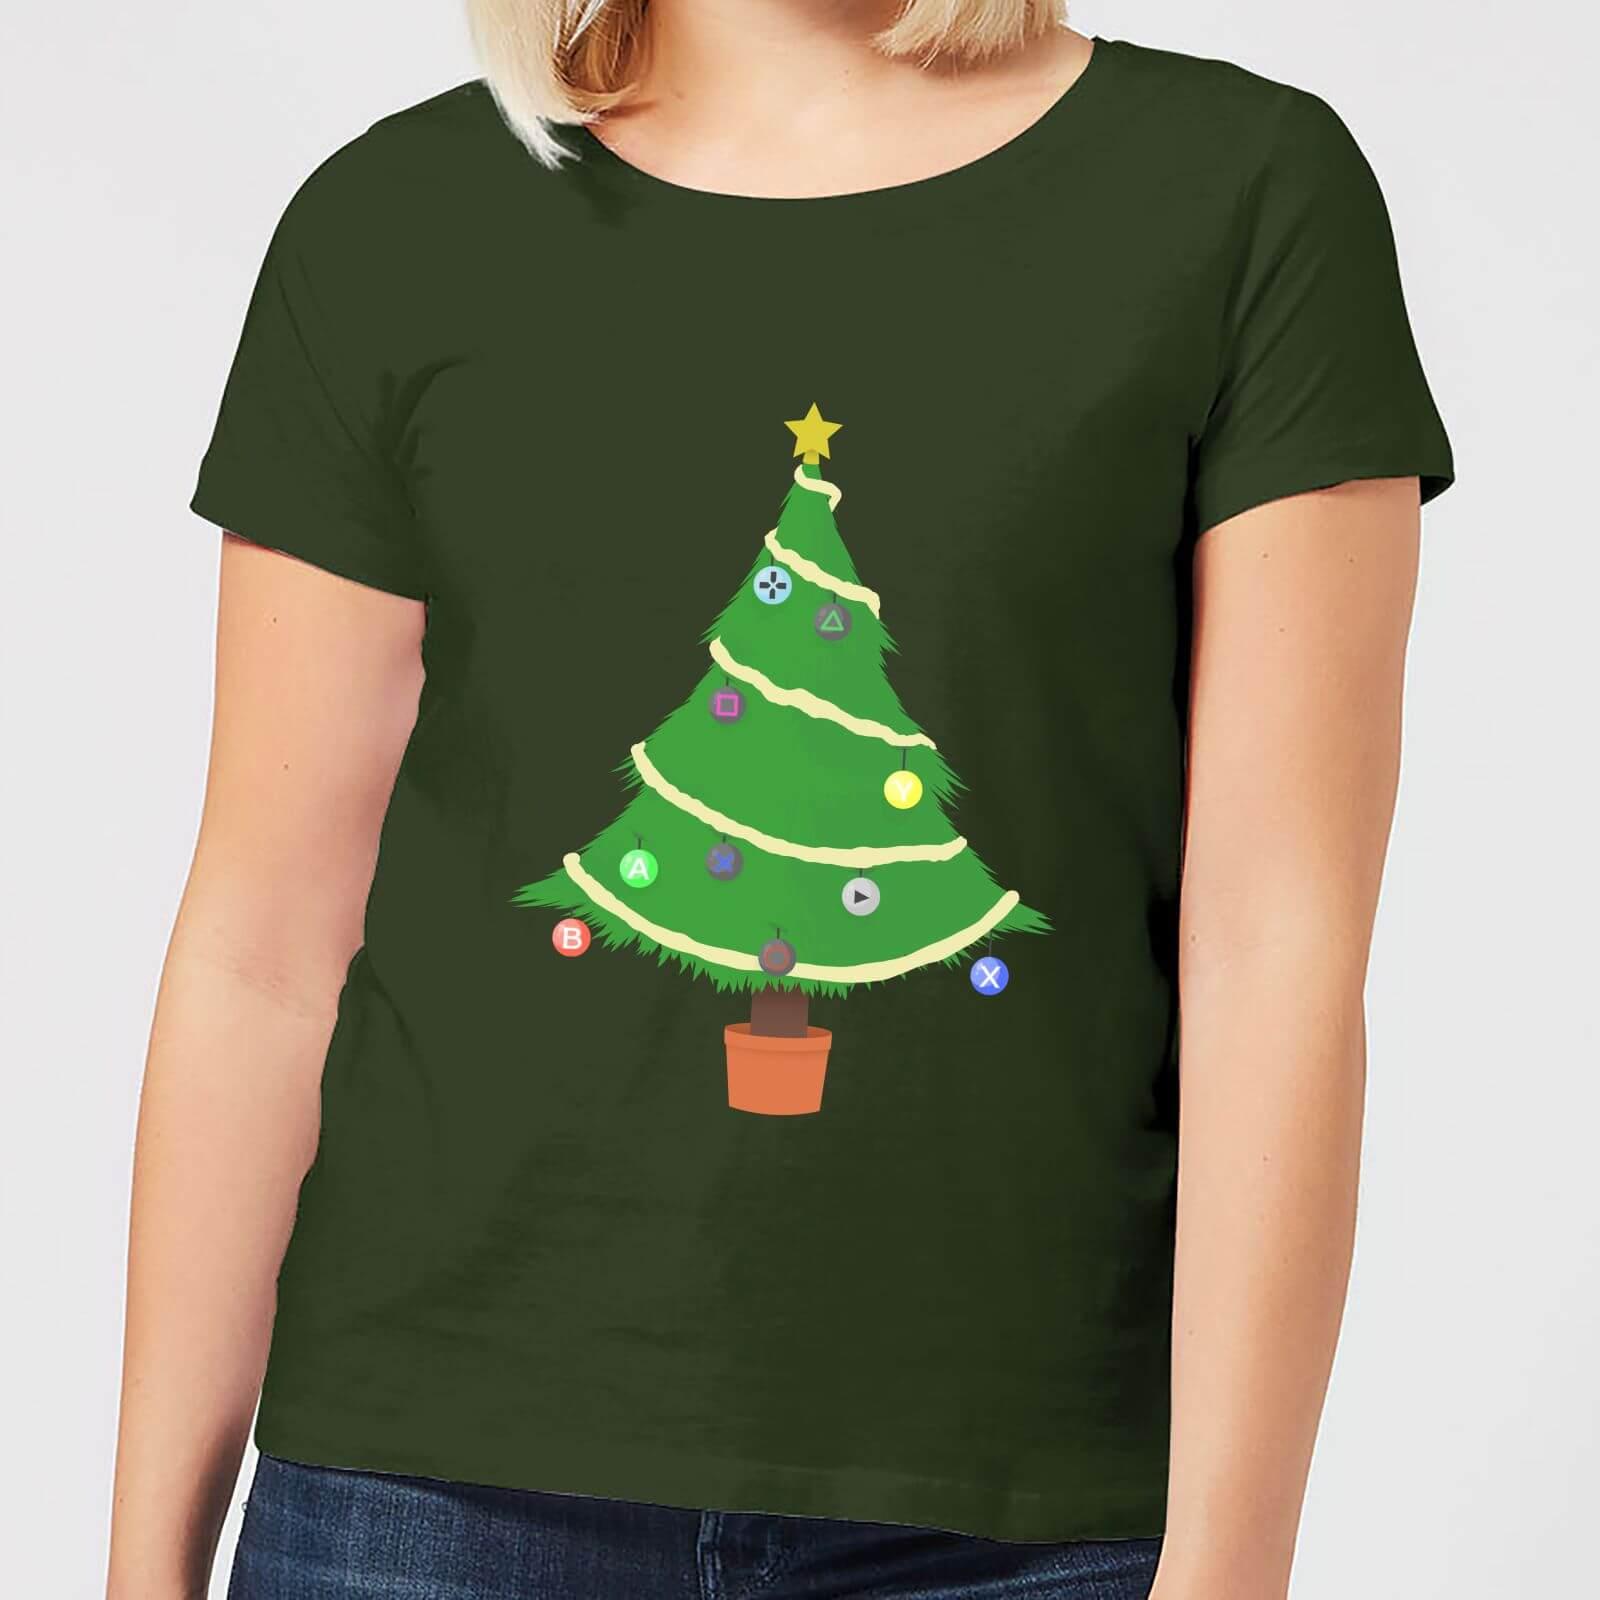 Geek Christmas Buttons Tree Women's T-Shirt - Forest Green - L - Forest Green